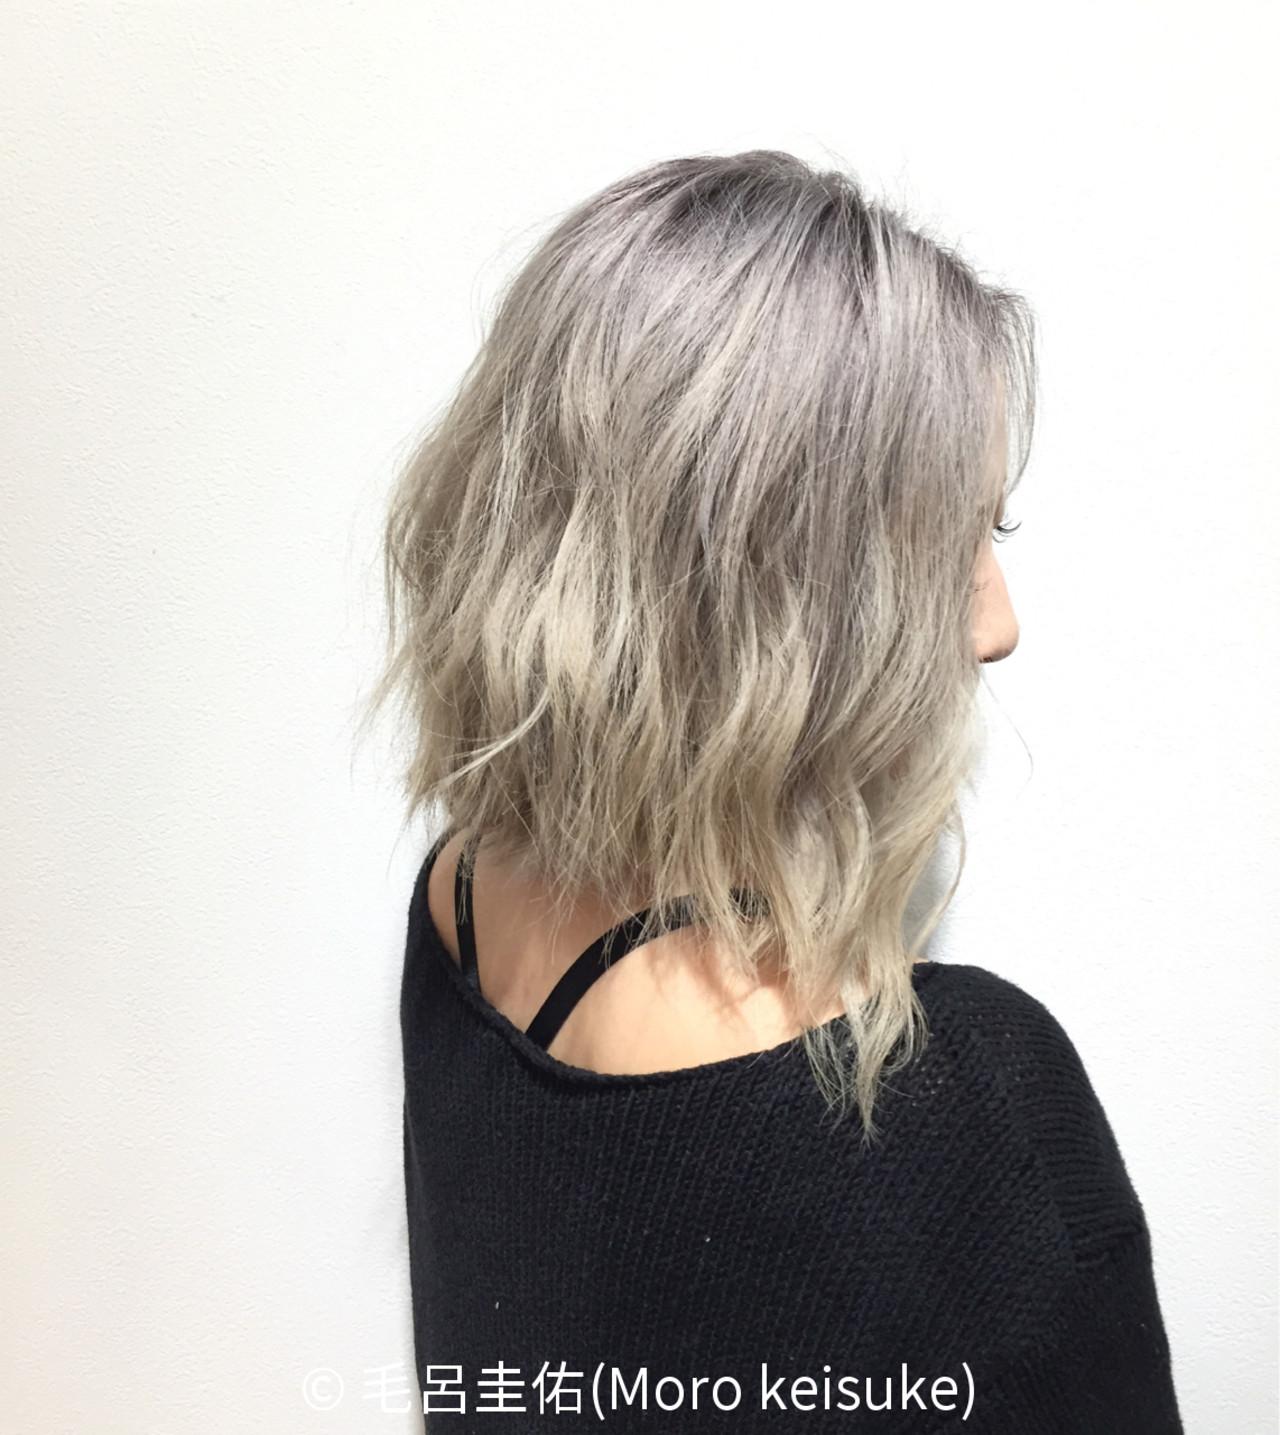 ブリーチ ストリート 透明感 パープル ヘアスタイルや髪型の写真・画像